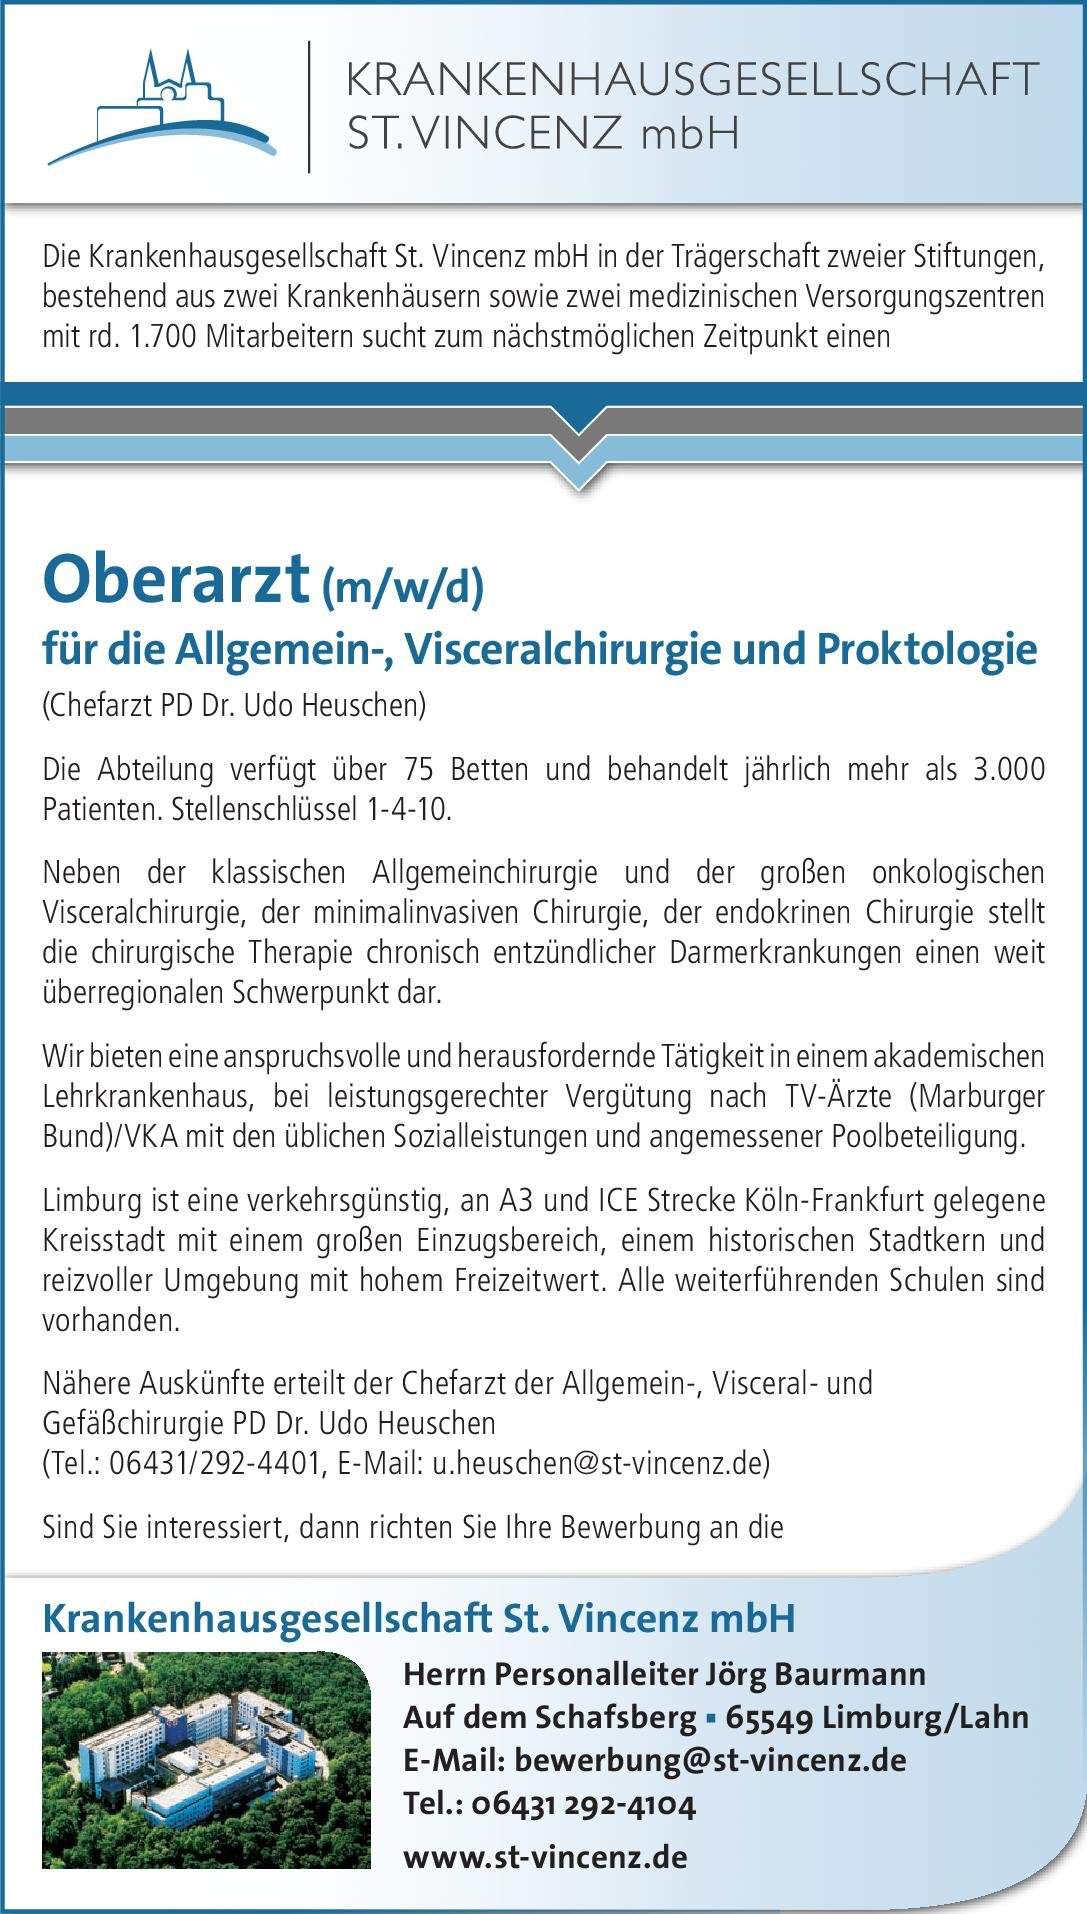 Krankenhausgesellschaft St. Vincenz mbH Oberarzt (m/w/d) für die Allgemein-, Visceralchirurgie und Proktologie  Allgemeinchirurgie, Viszeralchirurgie, Chirurgie Oberarzt